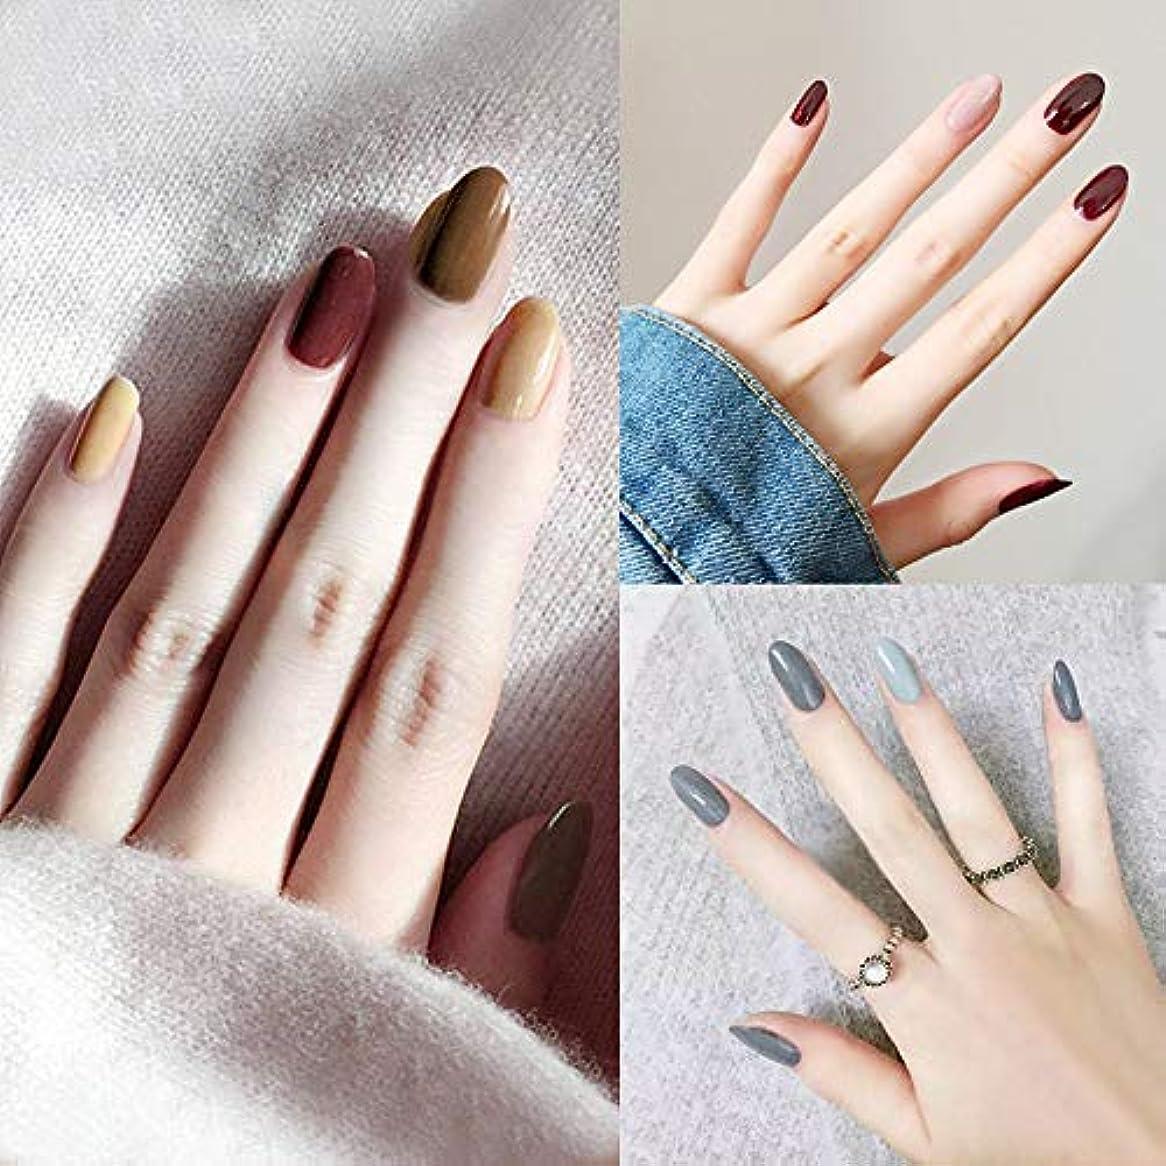 定規貧困個人的なファッションレッドクリームインクハリスタイル偽爪純粋な色偽爪24ピースフルブライダルネイルのヒント滑らかな指装飾のヒント接着剤付き人工爪